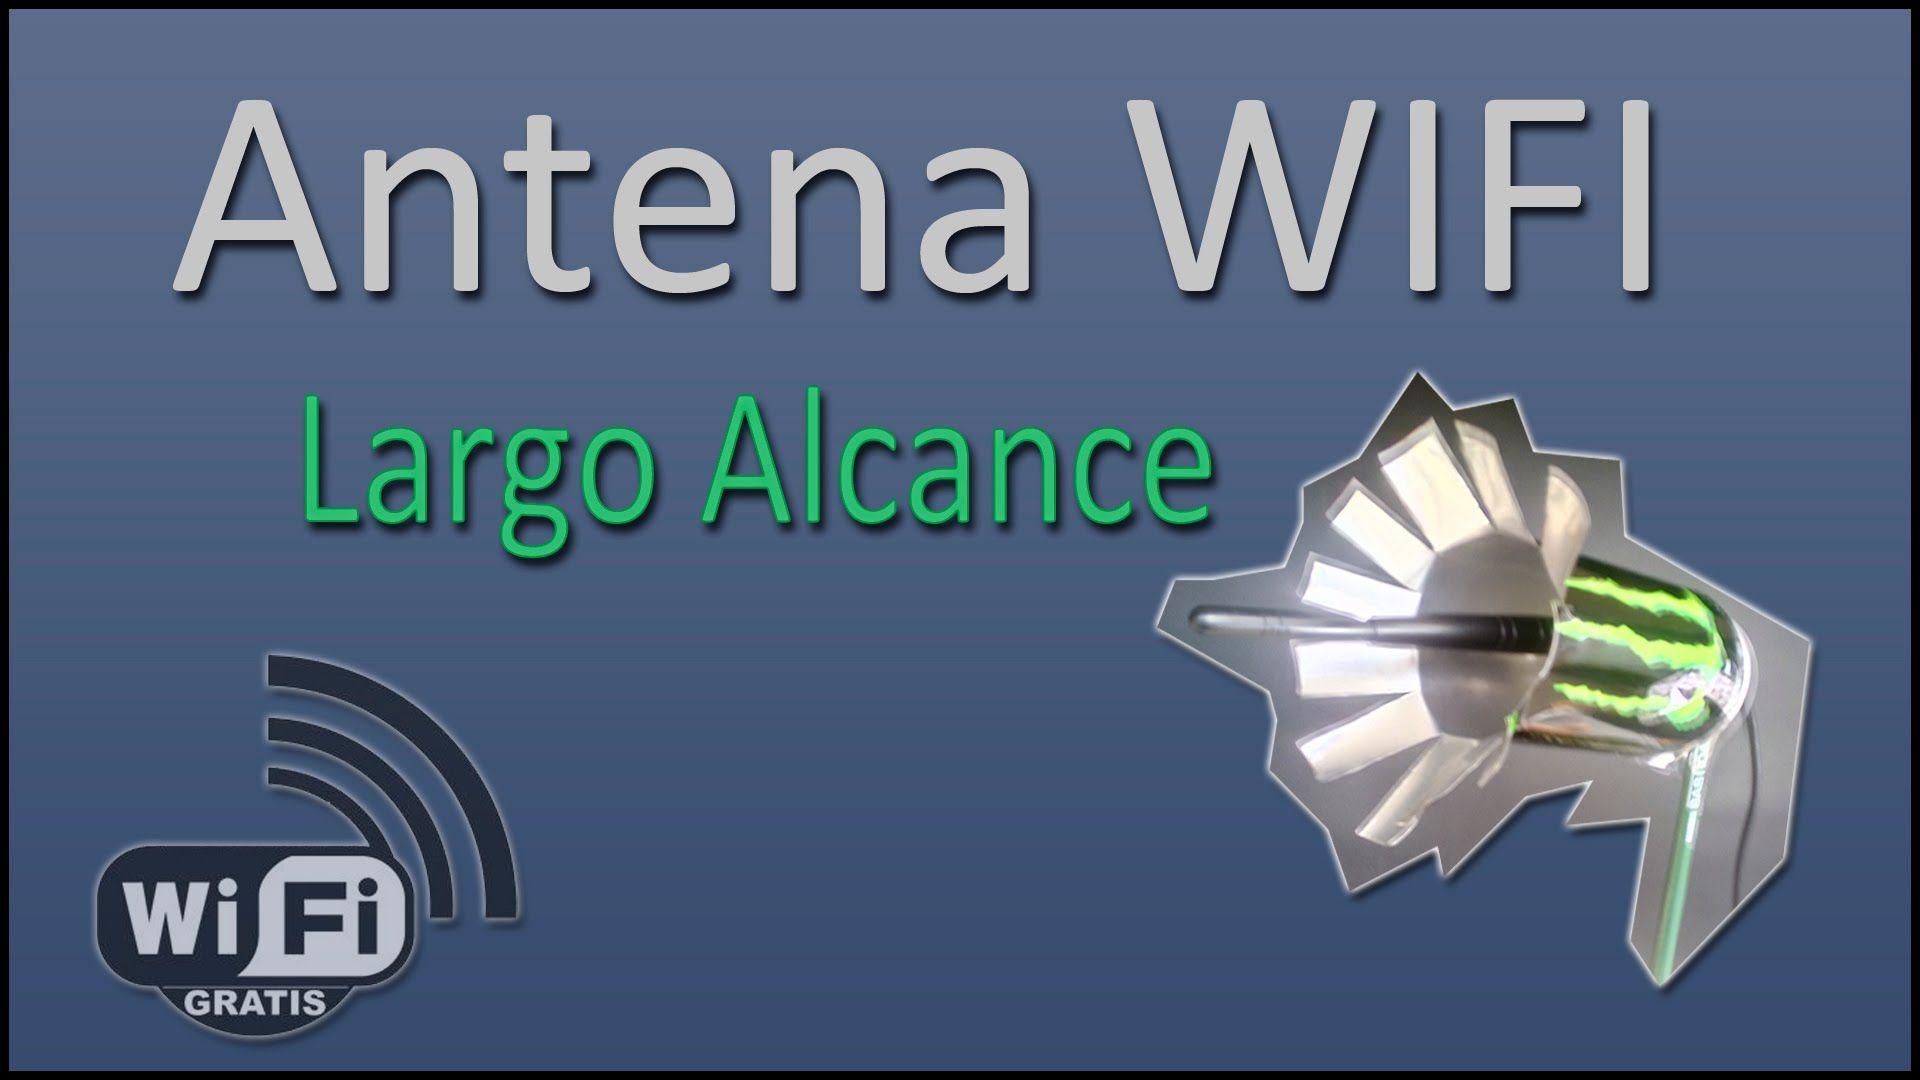 Como Hacer Antena Wifi Casera De Largo Alcance Para Robar Wifi Mas